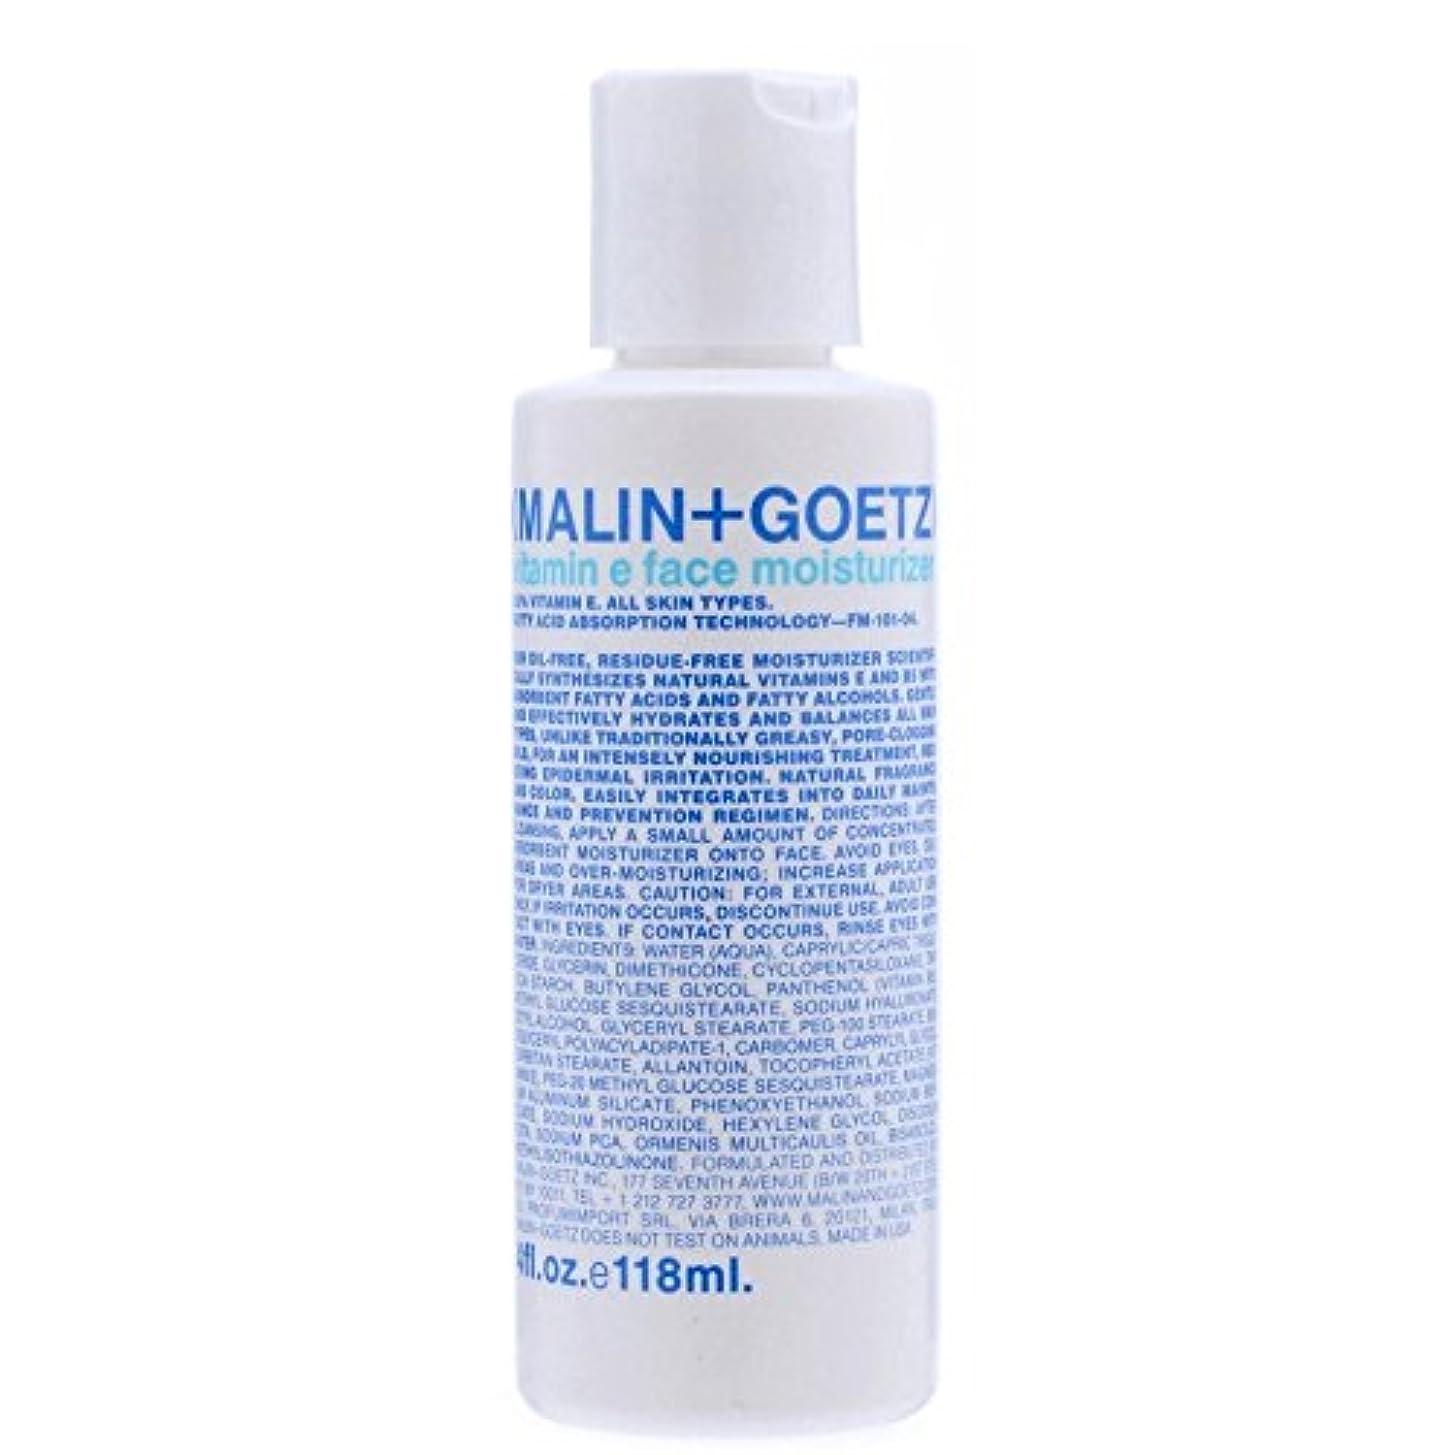 位置づけるアッティカス運営MALIN+GOETZ Vitamin E Face Moisturiser (Pack of 6) - マリン+ゲッツビタミンの顔の保湿剤 x6 [並行輸入品]